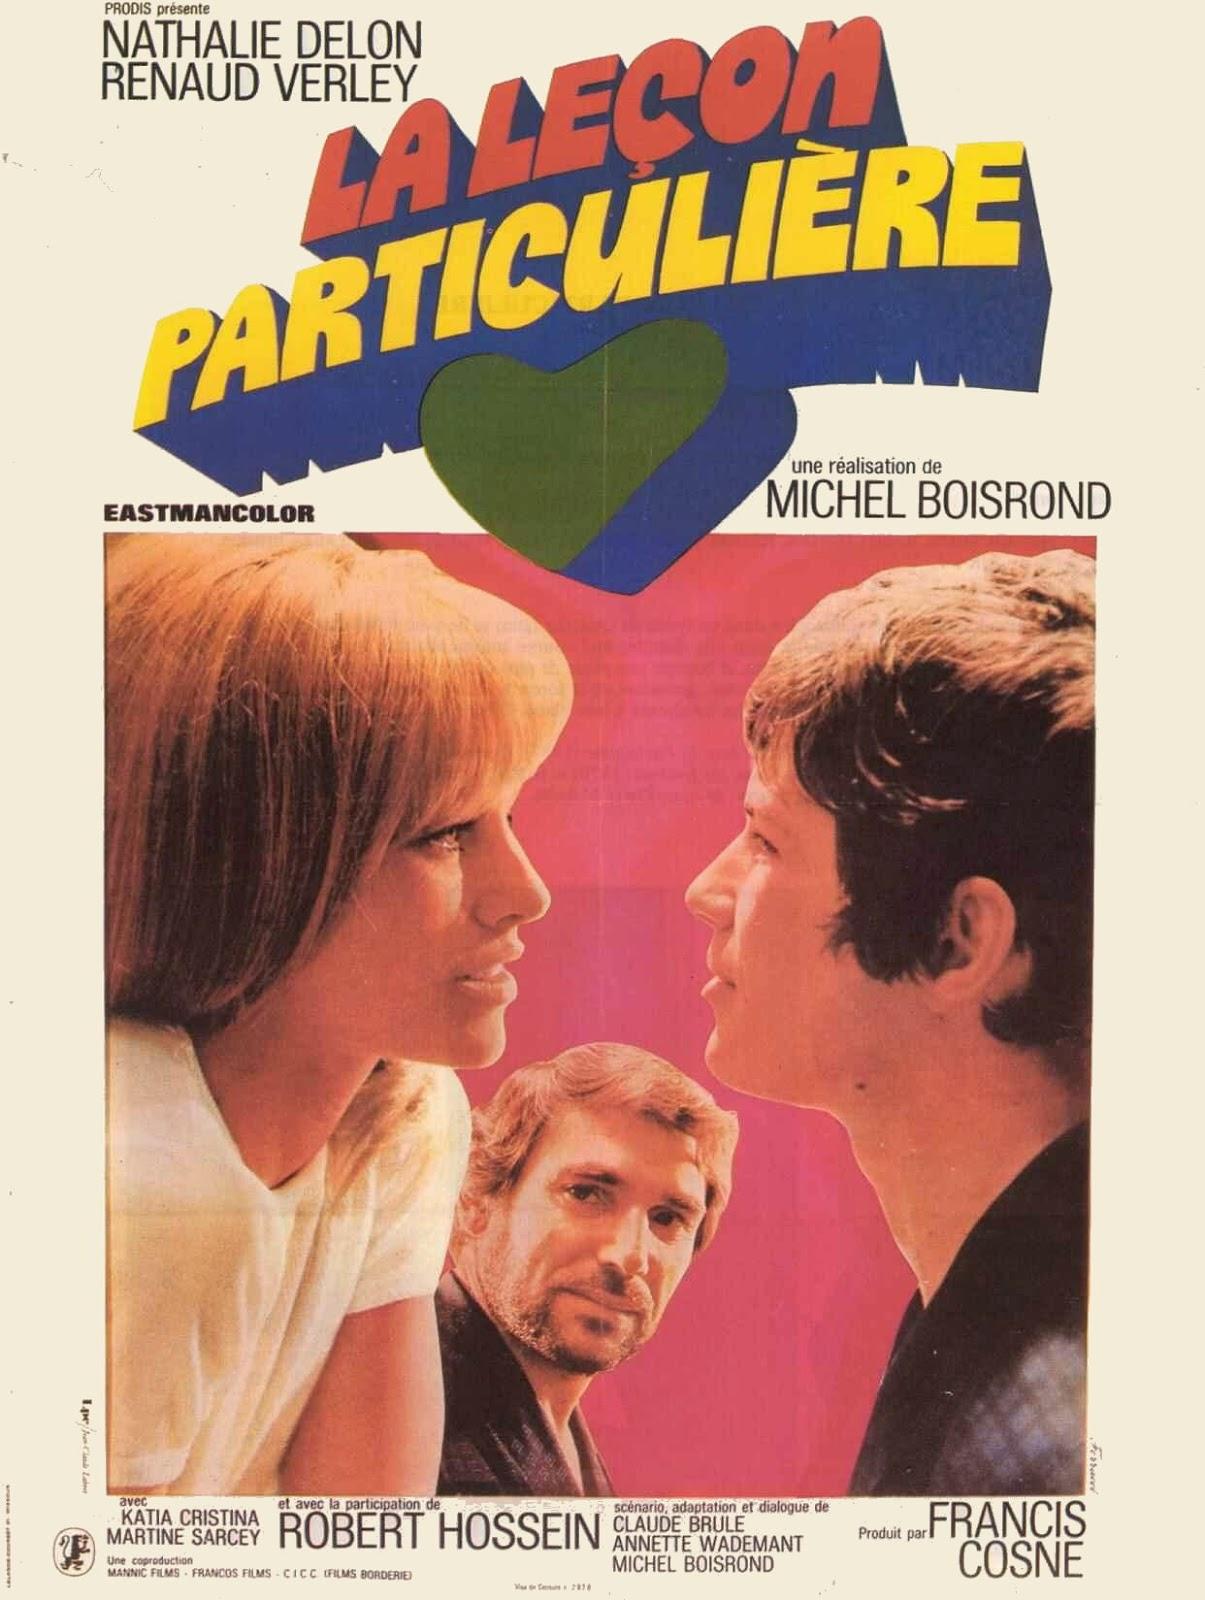 Francomac Boisrond 1969 La Lecon Particuliere